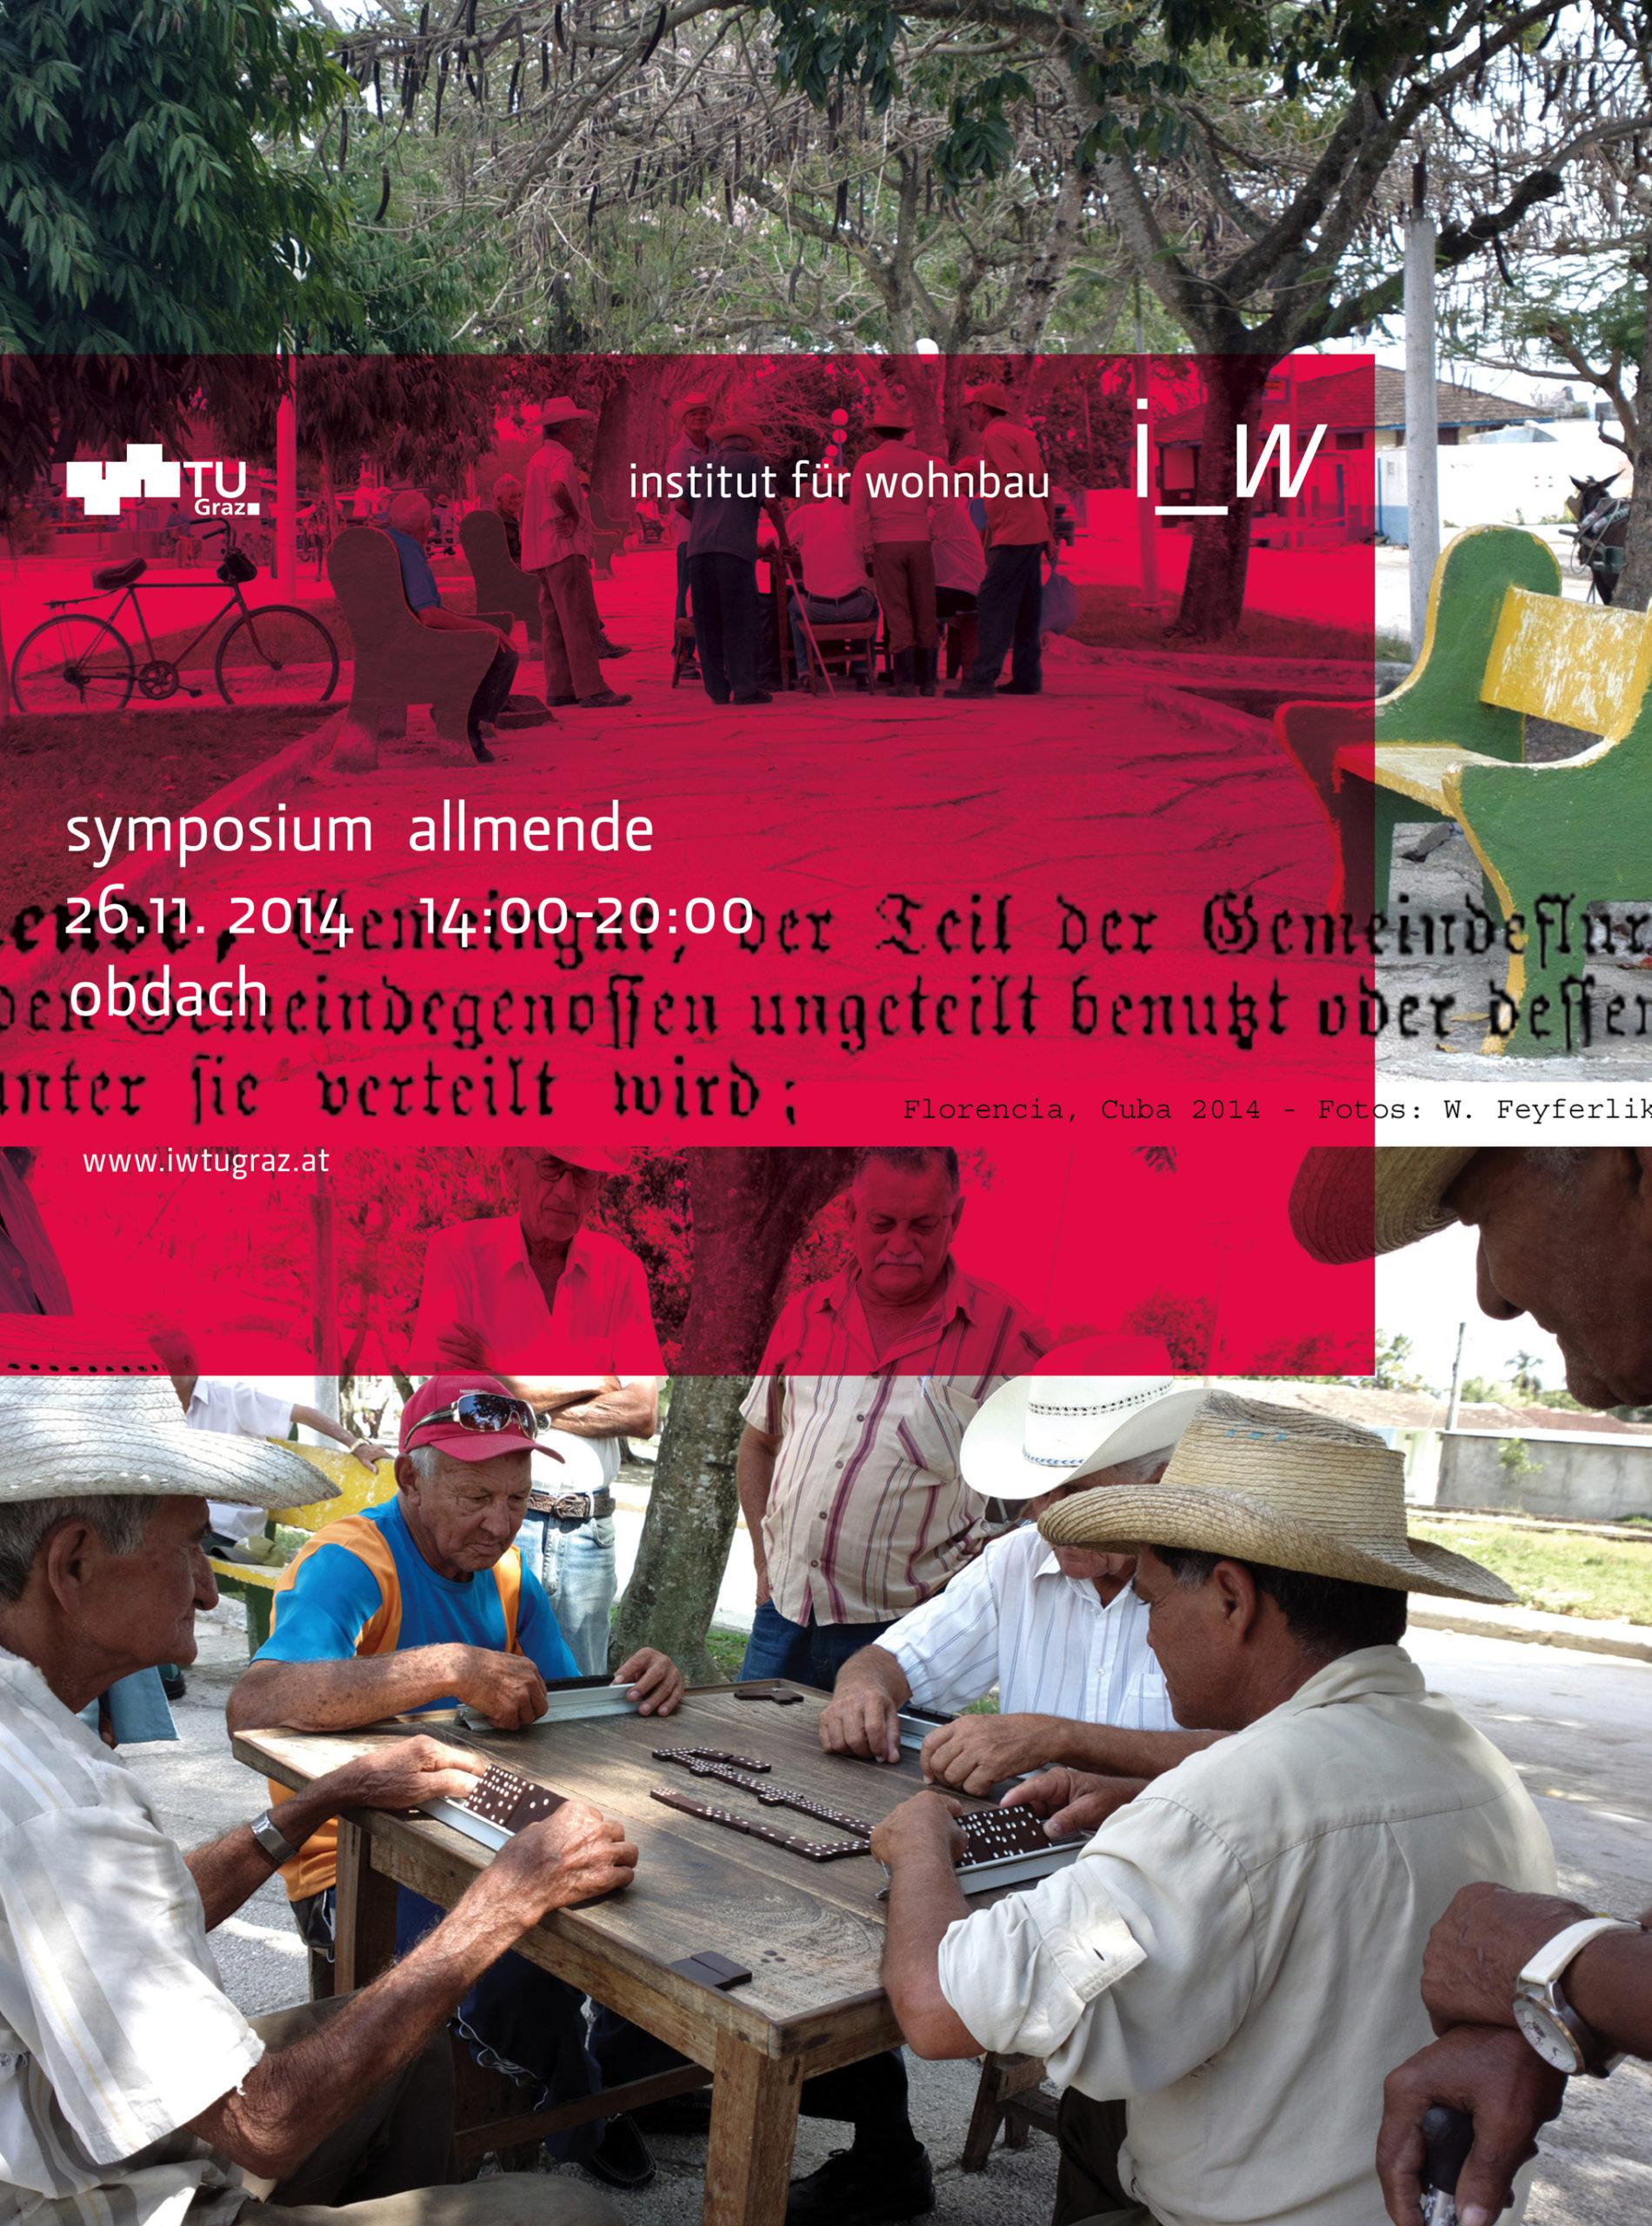 symposium allmende obdach